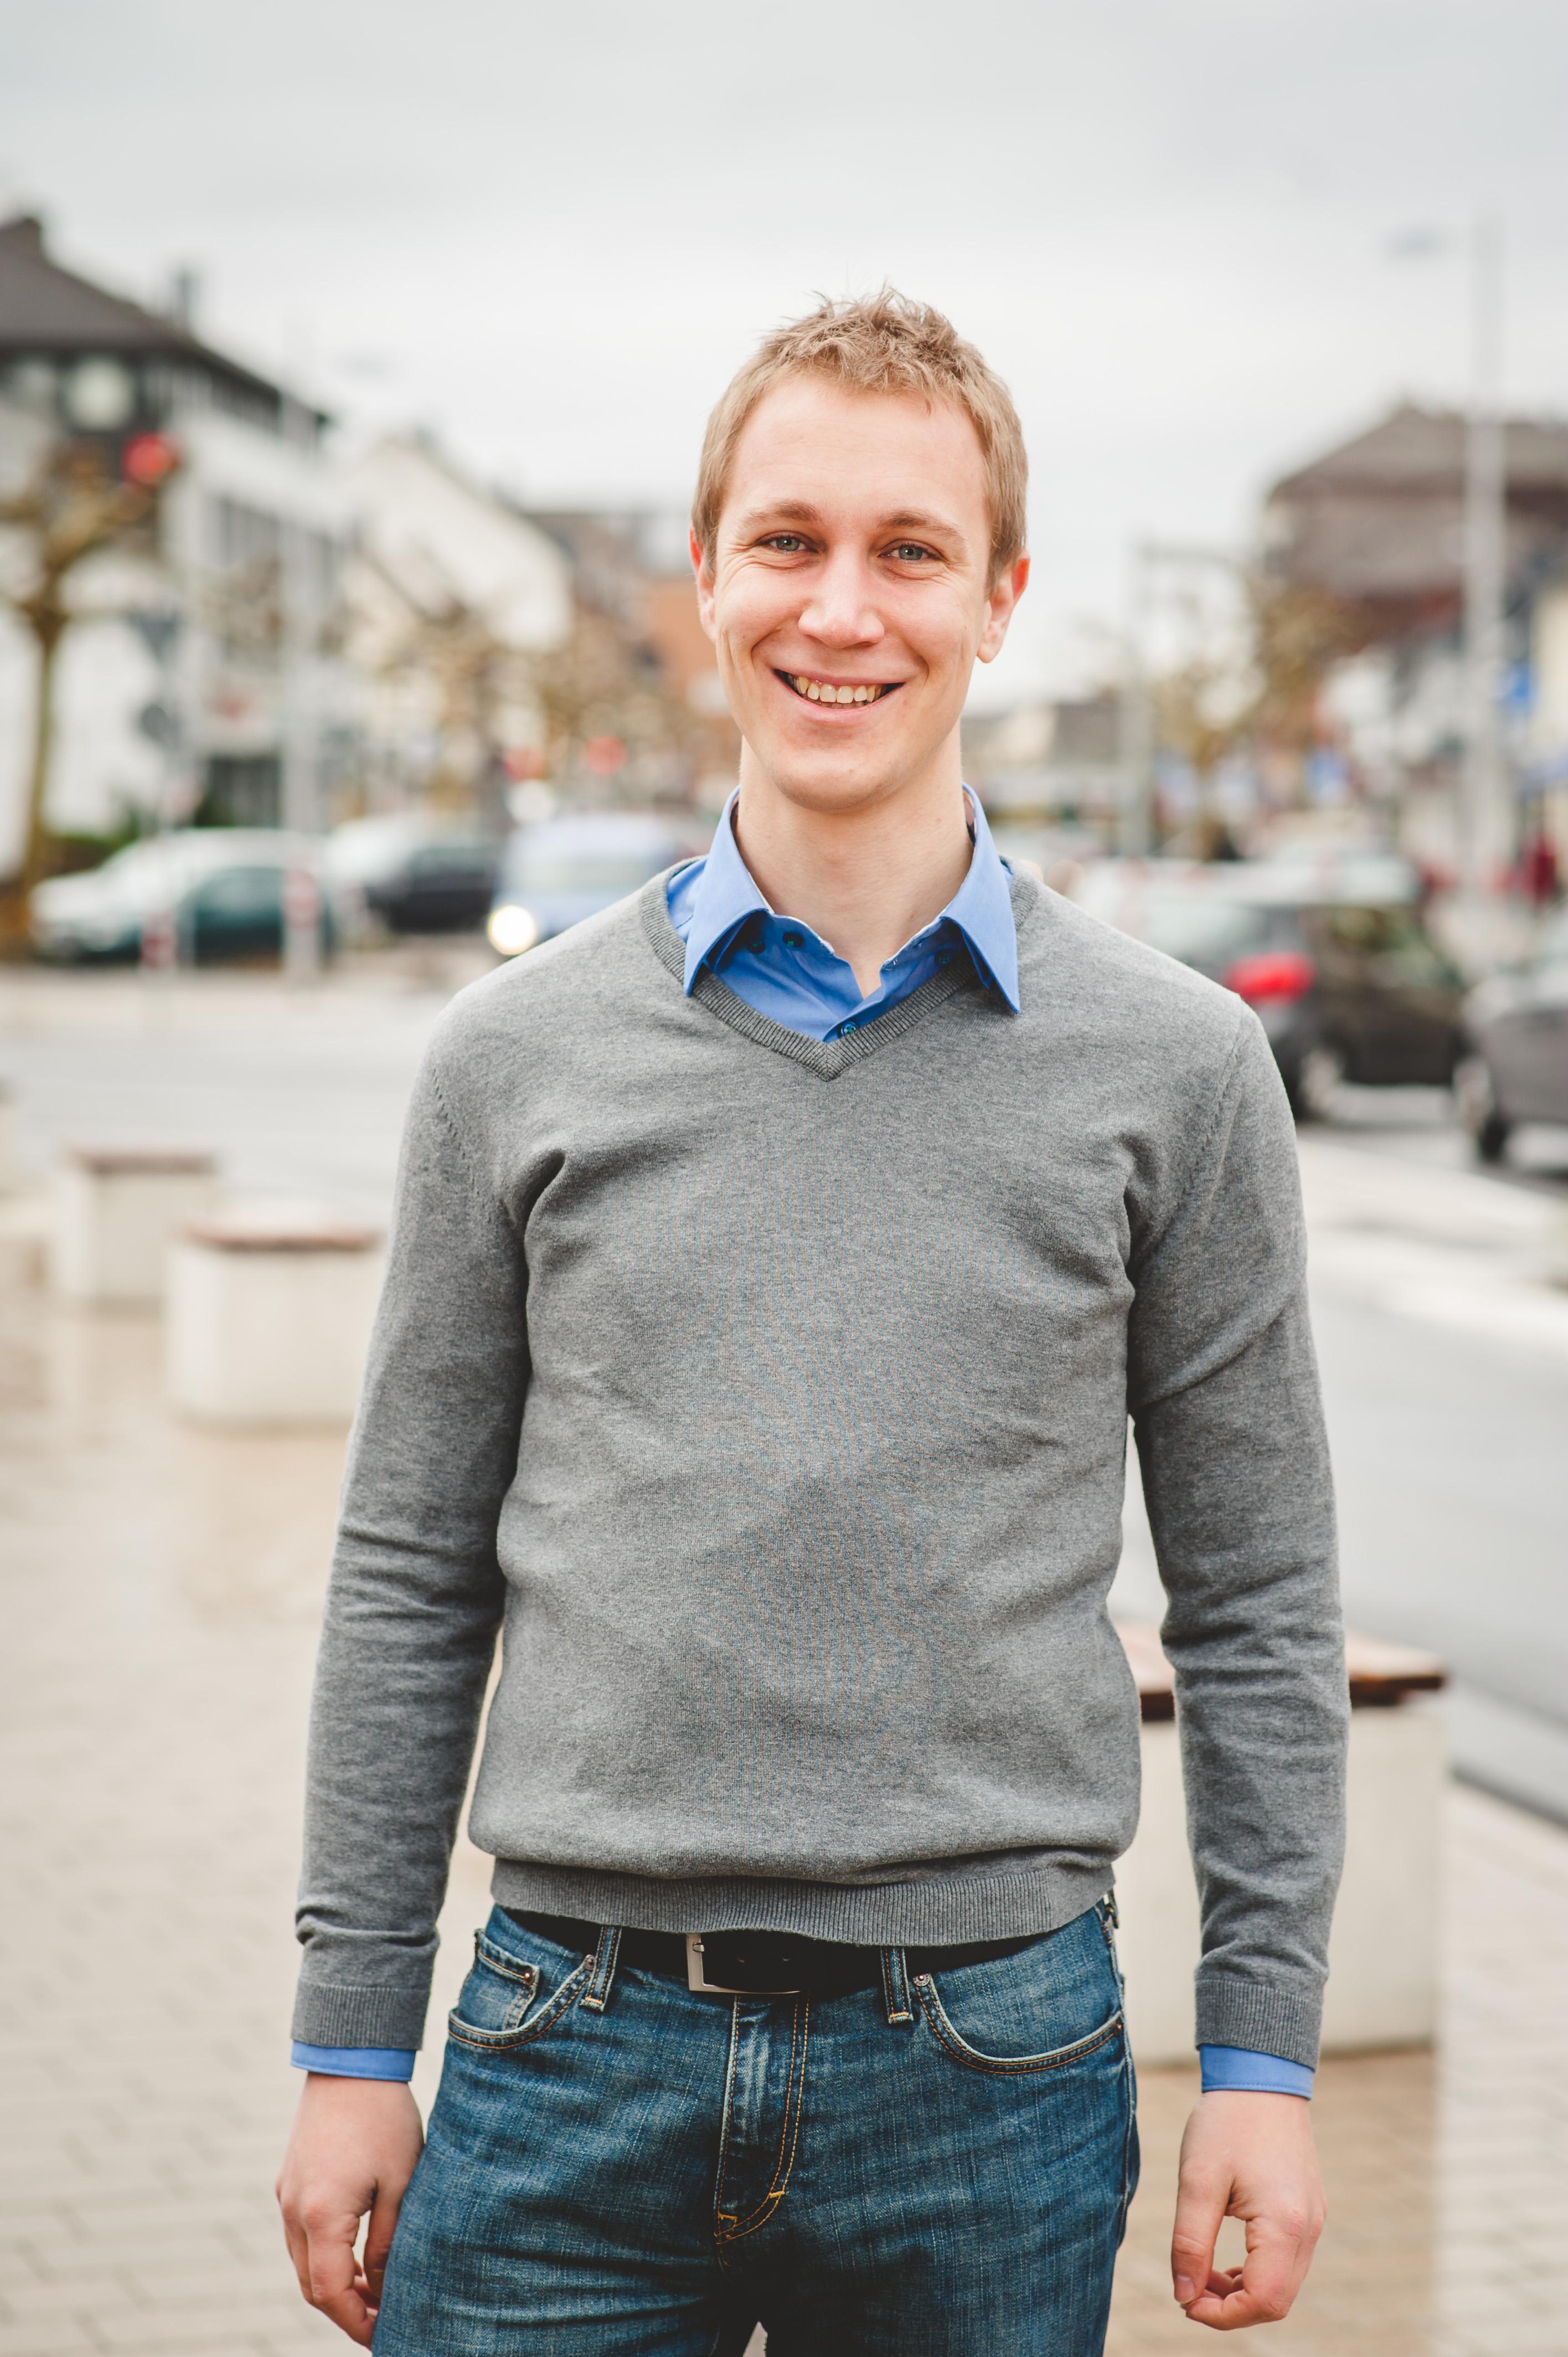 Daniel Zimmermann, Bürgermeister der Stadt Monheim am Rhein